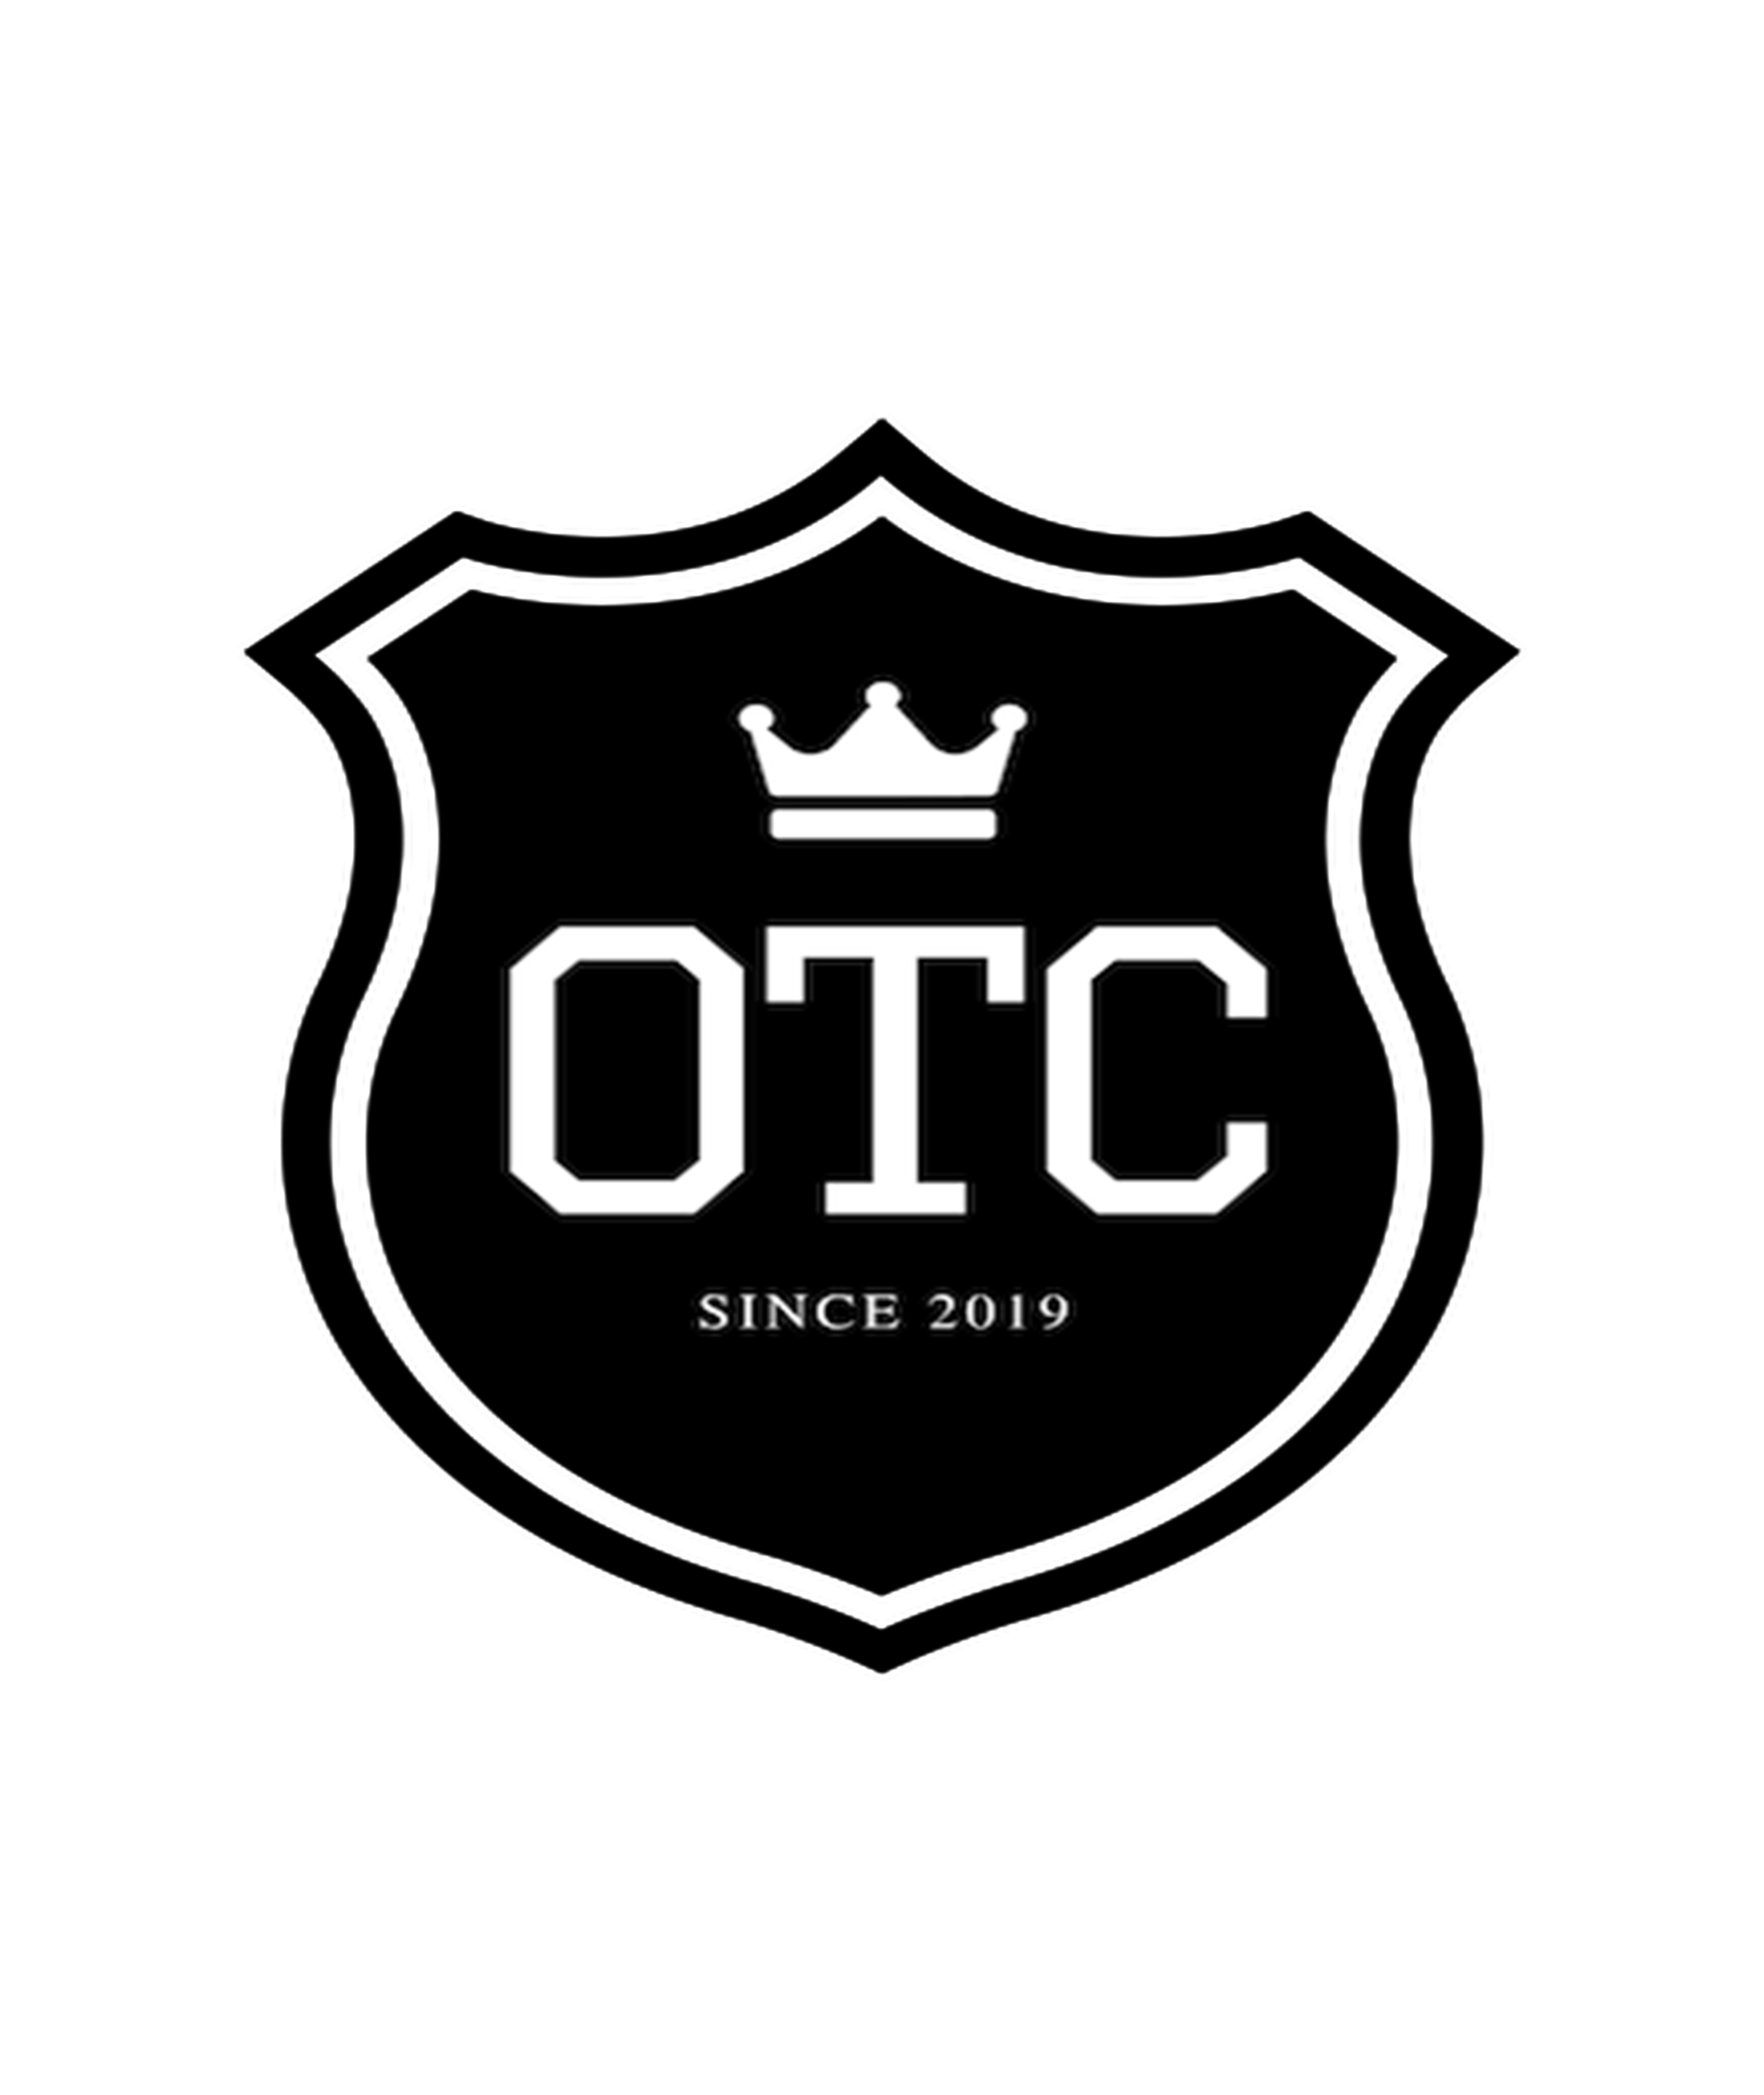 Original T-Shirt Company